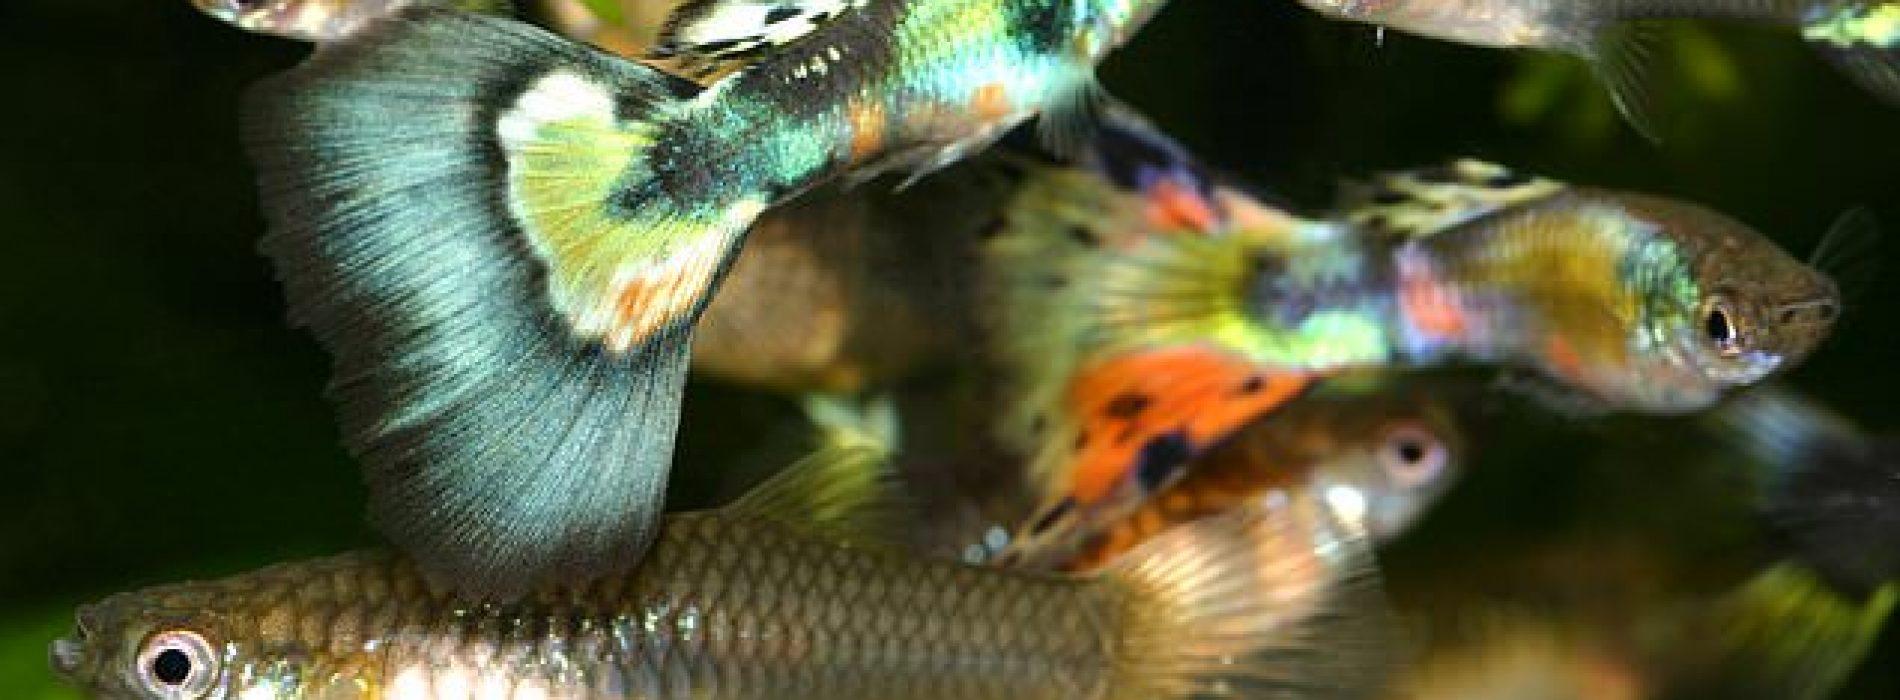 """Populair antidepressivum verandert vissen in """"zombies"""", blijkt uit nieuw onderzoek"""